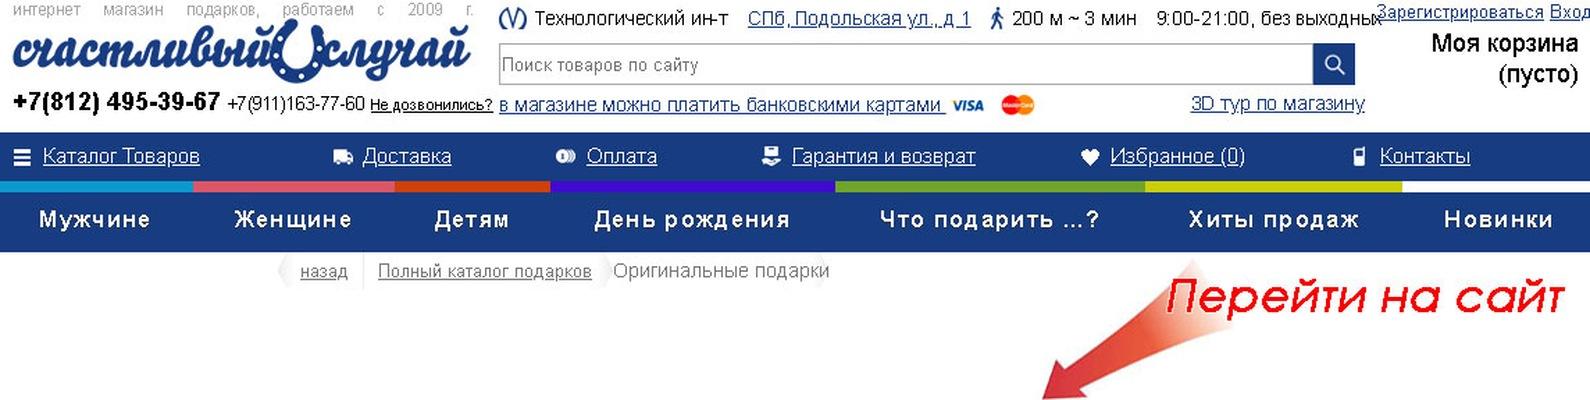 d671080f320e5 Магазин подарков «Счастливый случай»   ВКонтакте